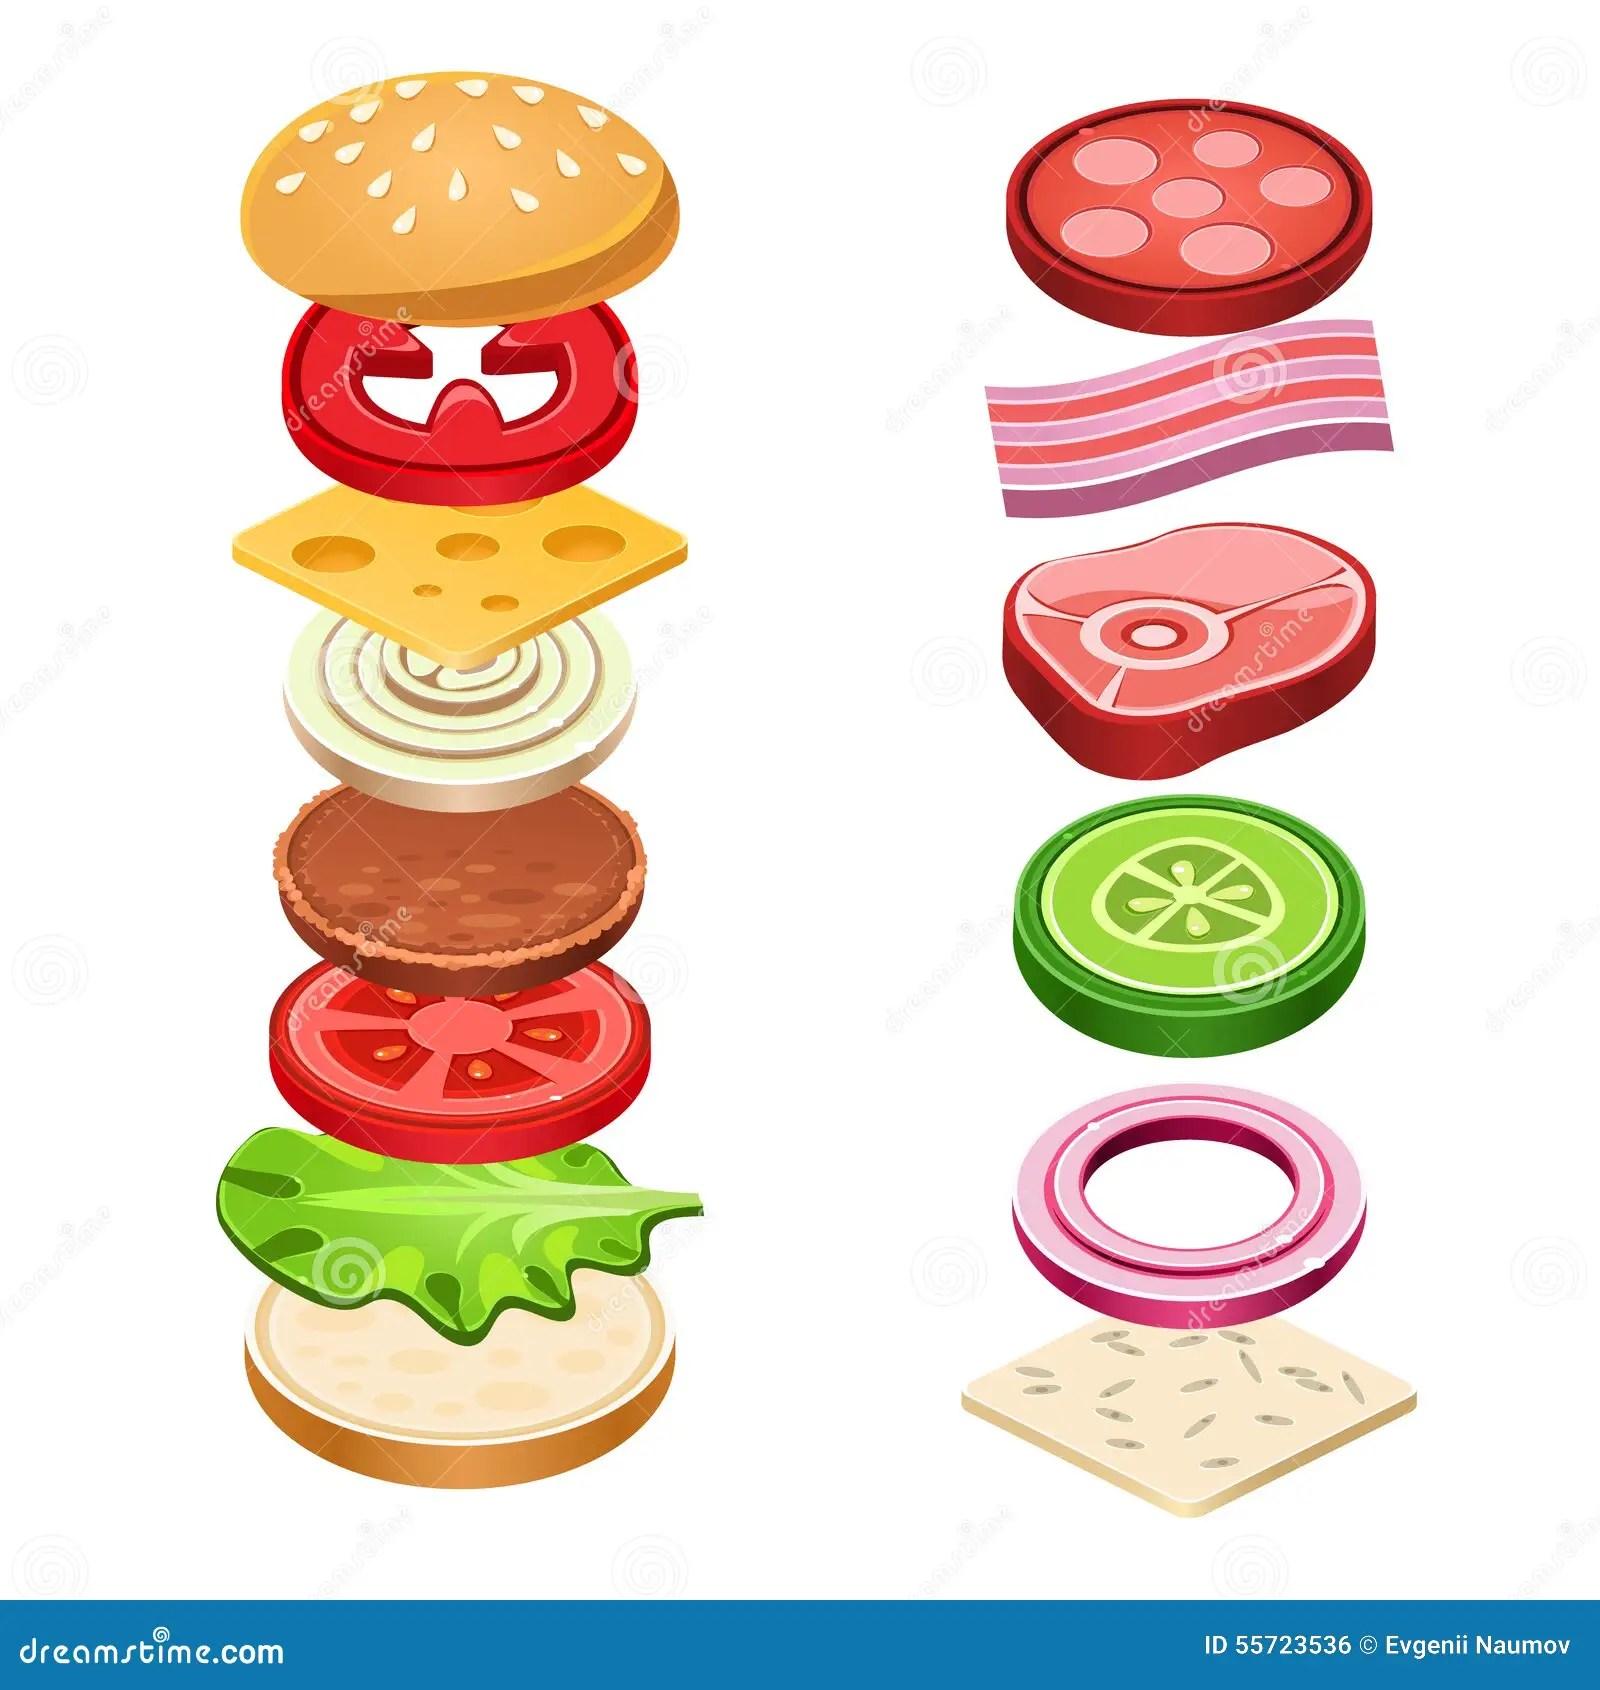 Cartoon Salami Sandwich